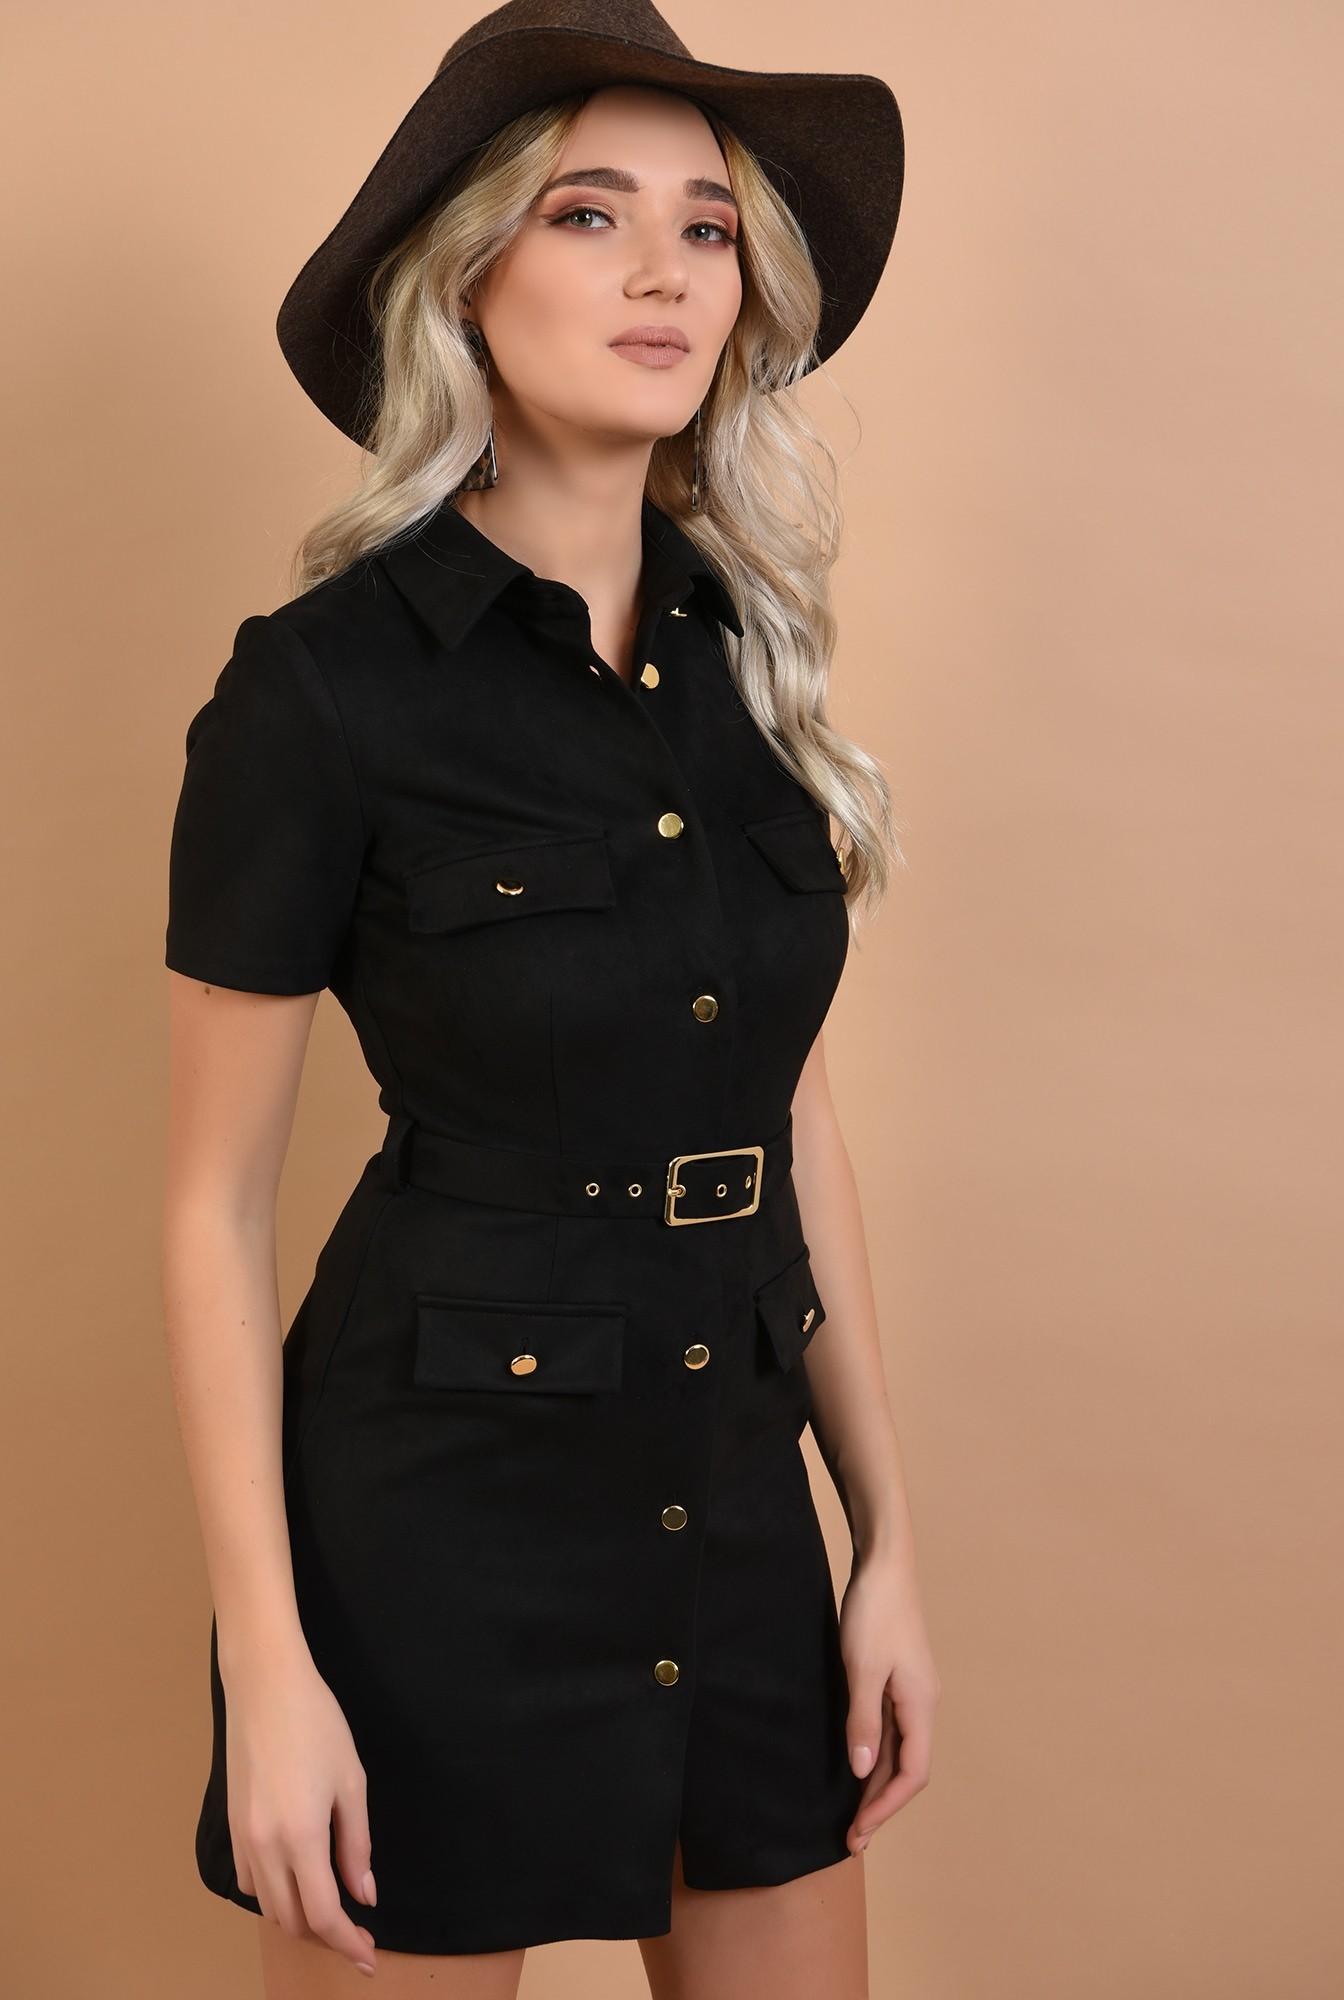 0 - rochie neagra, mini, cu nasturi, cu curea, maneci scurte